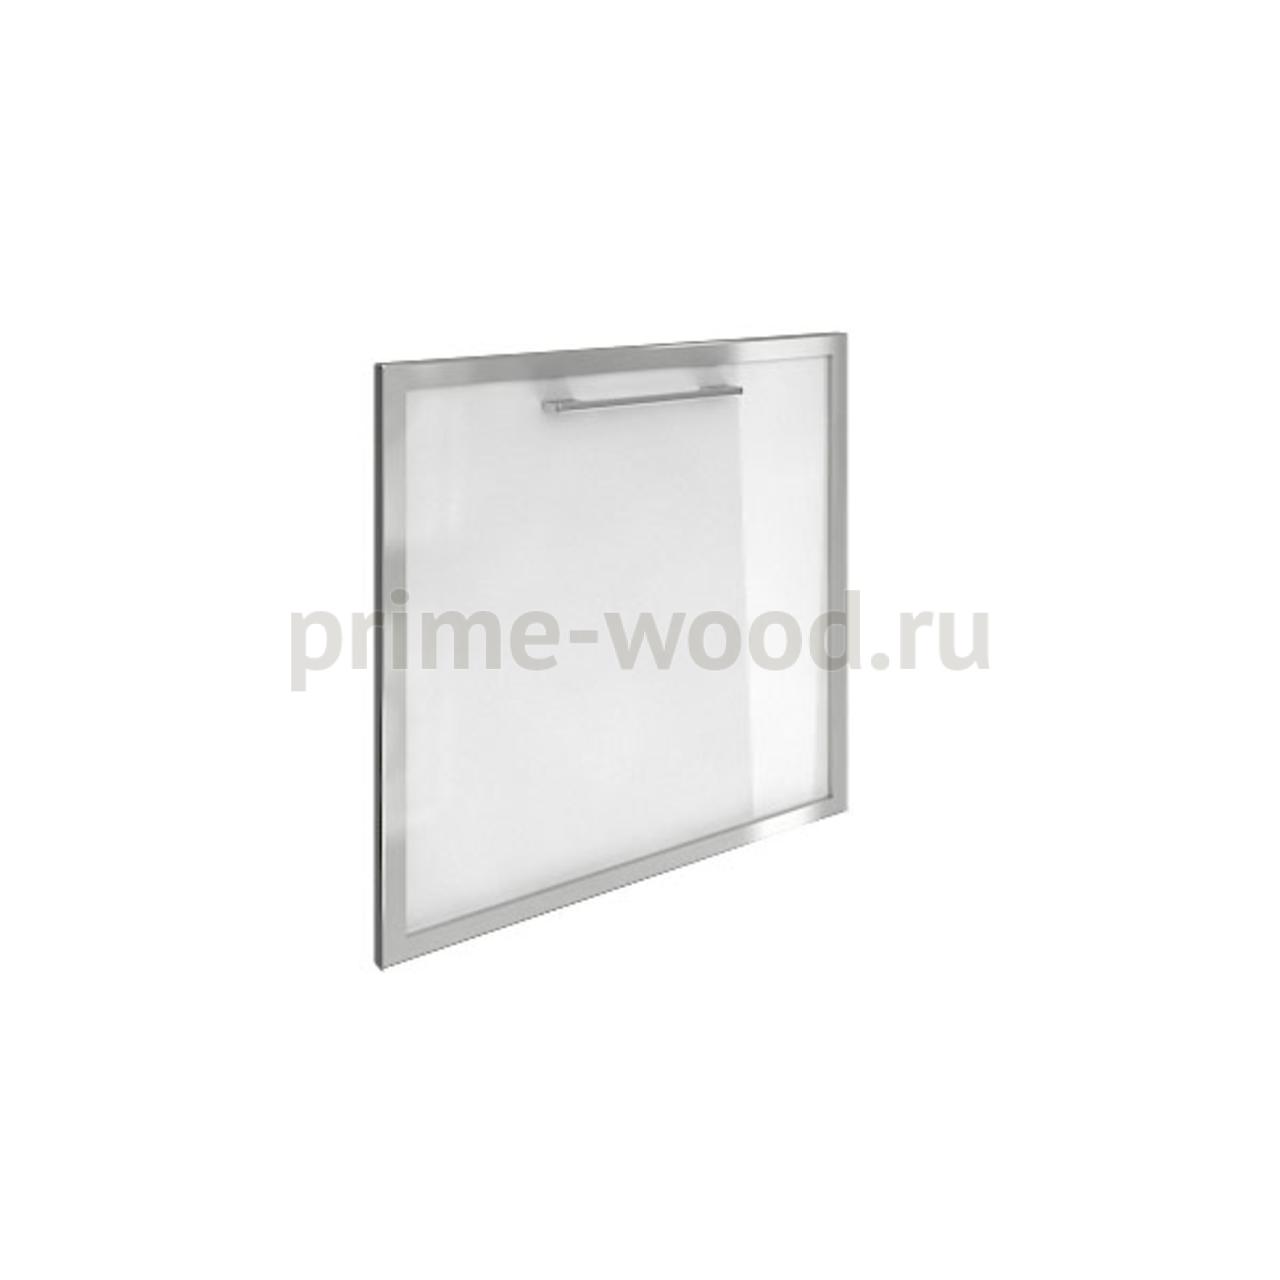 Дверь стекло рама шкаф четырехсекционный правый - фото 3